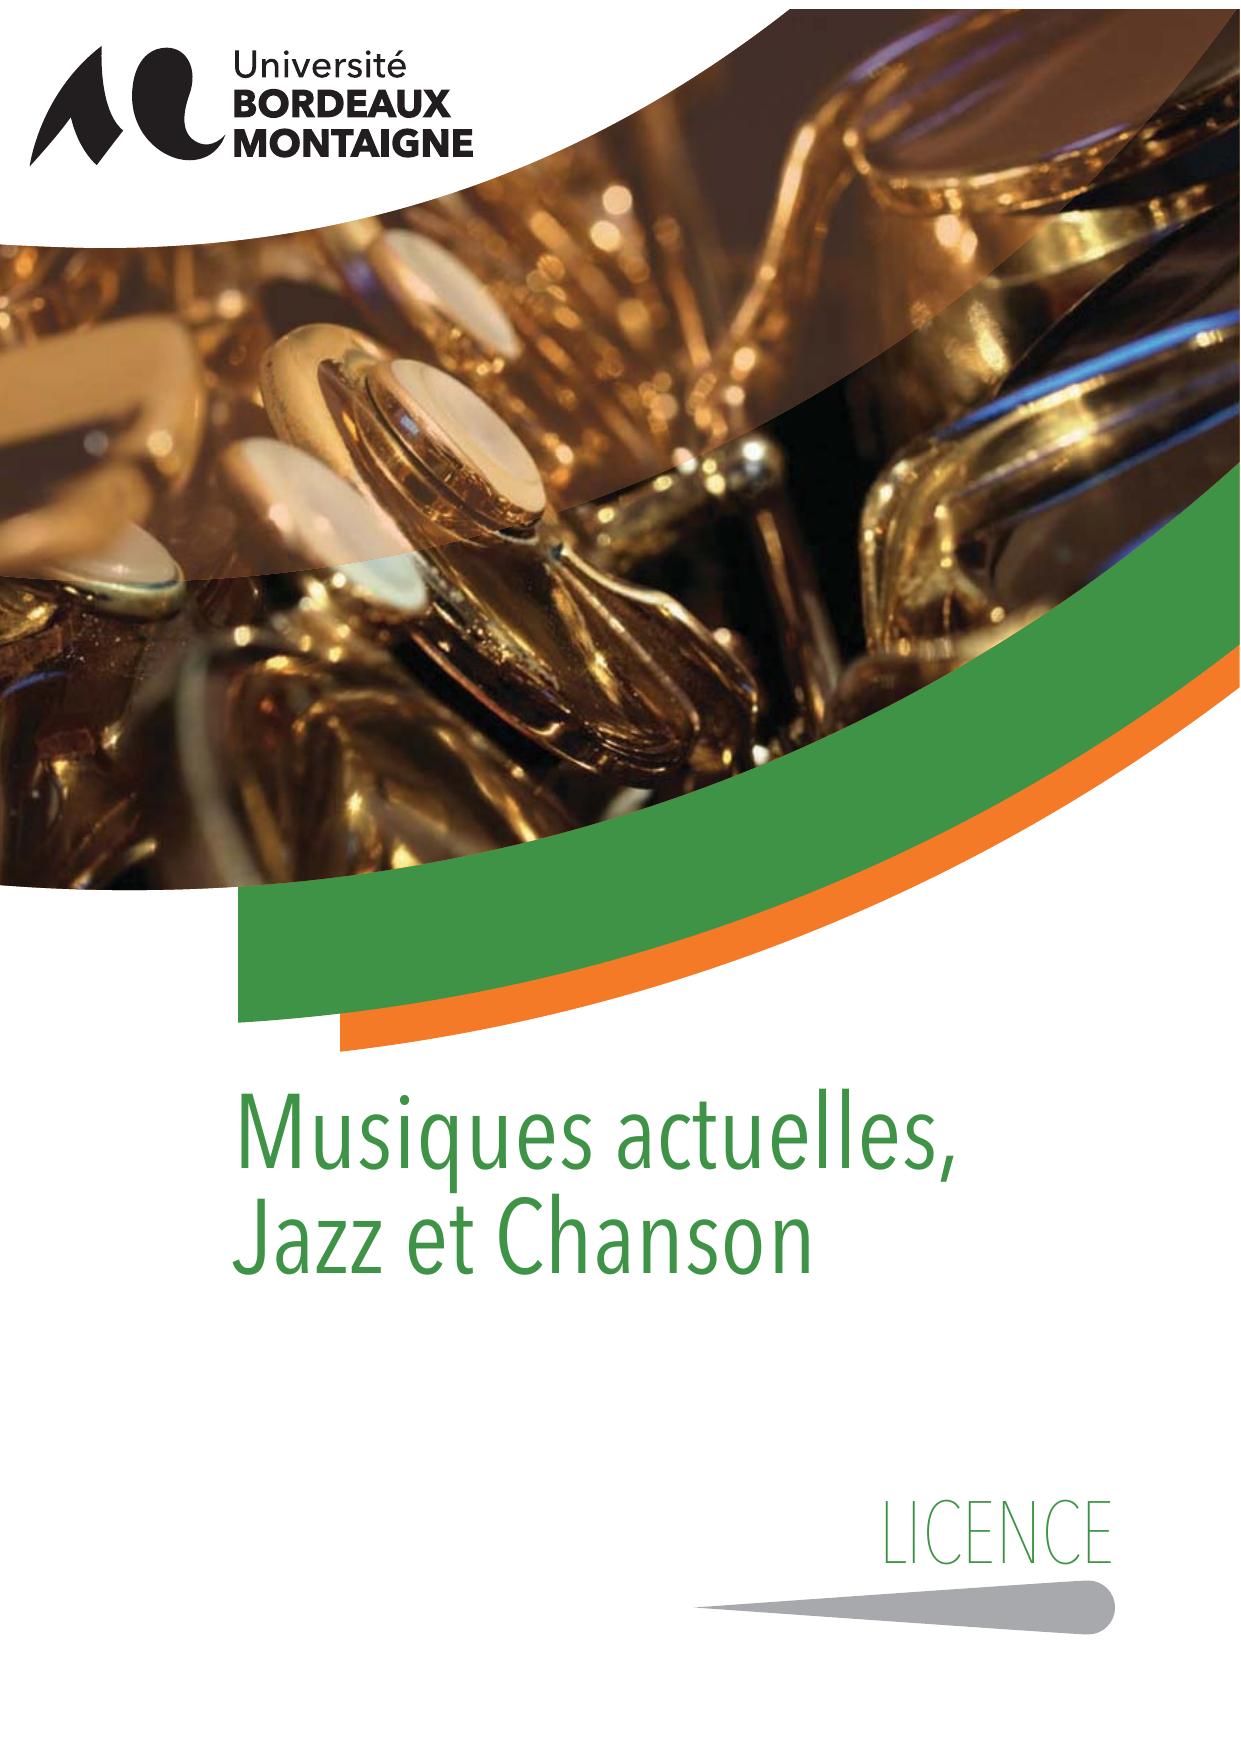 licence 3 musique actuelles  jazz et chanson